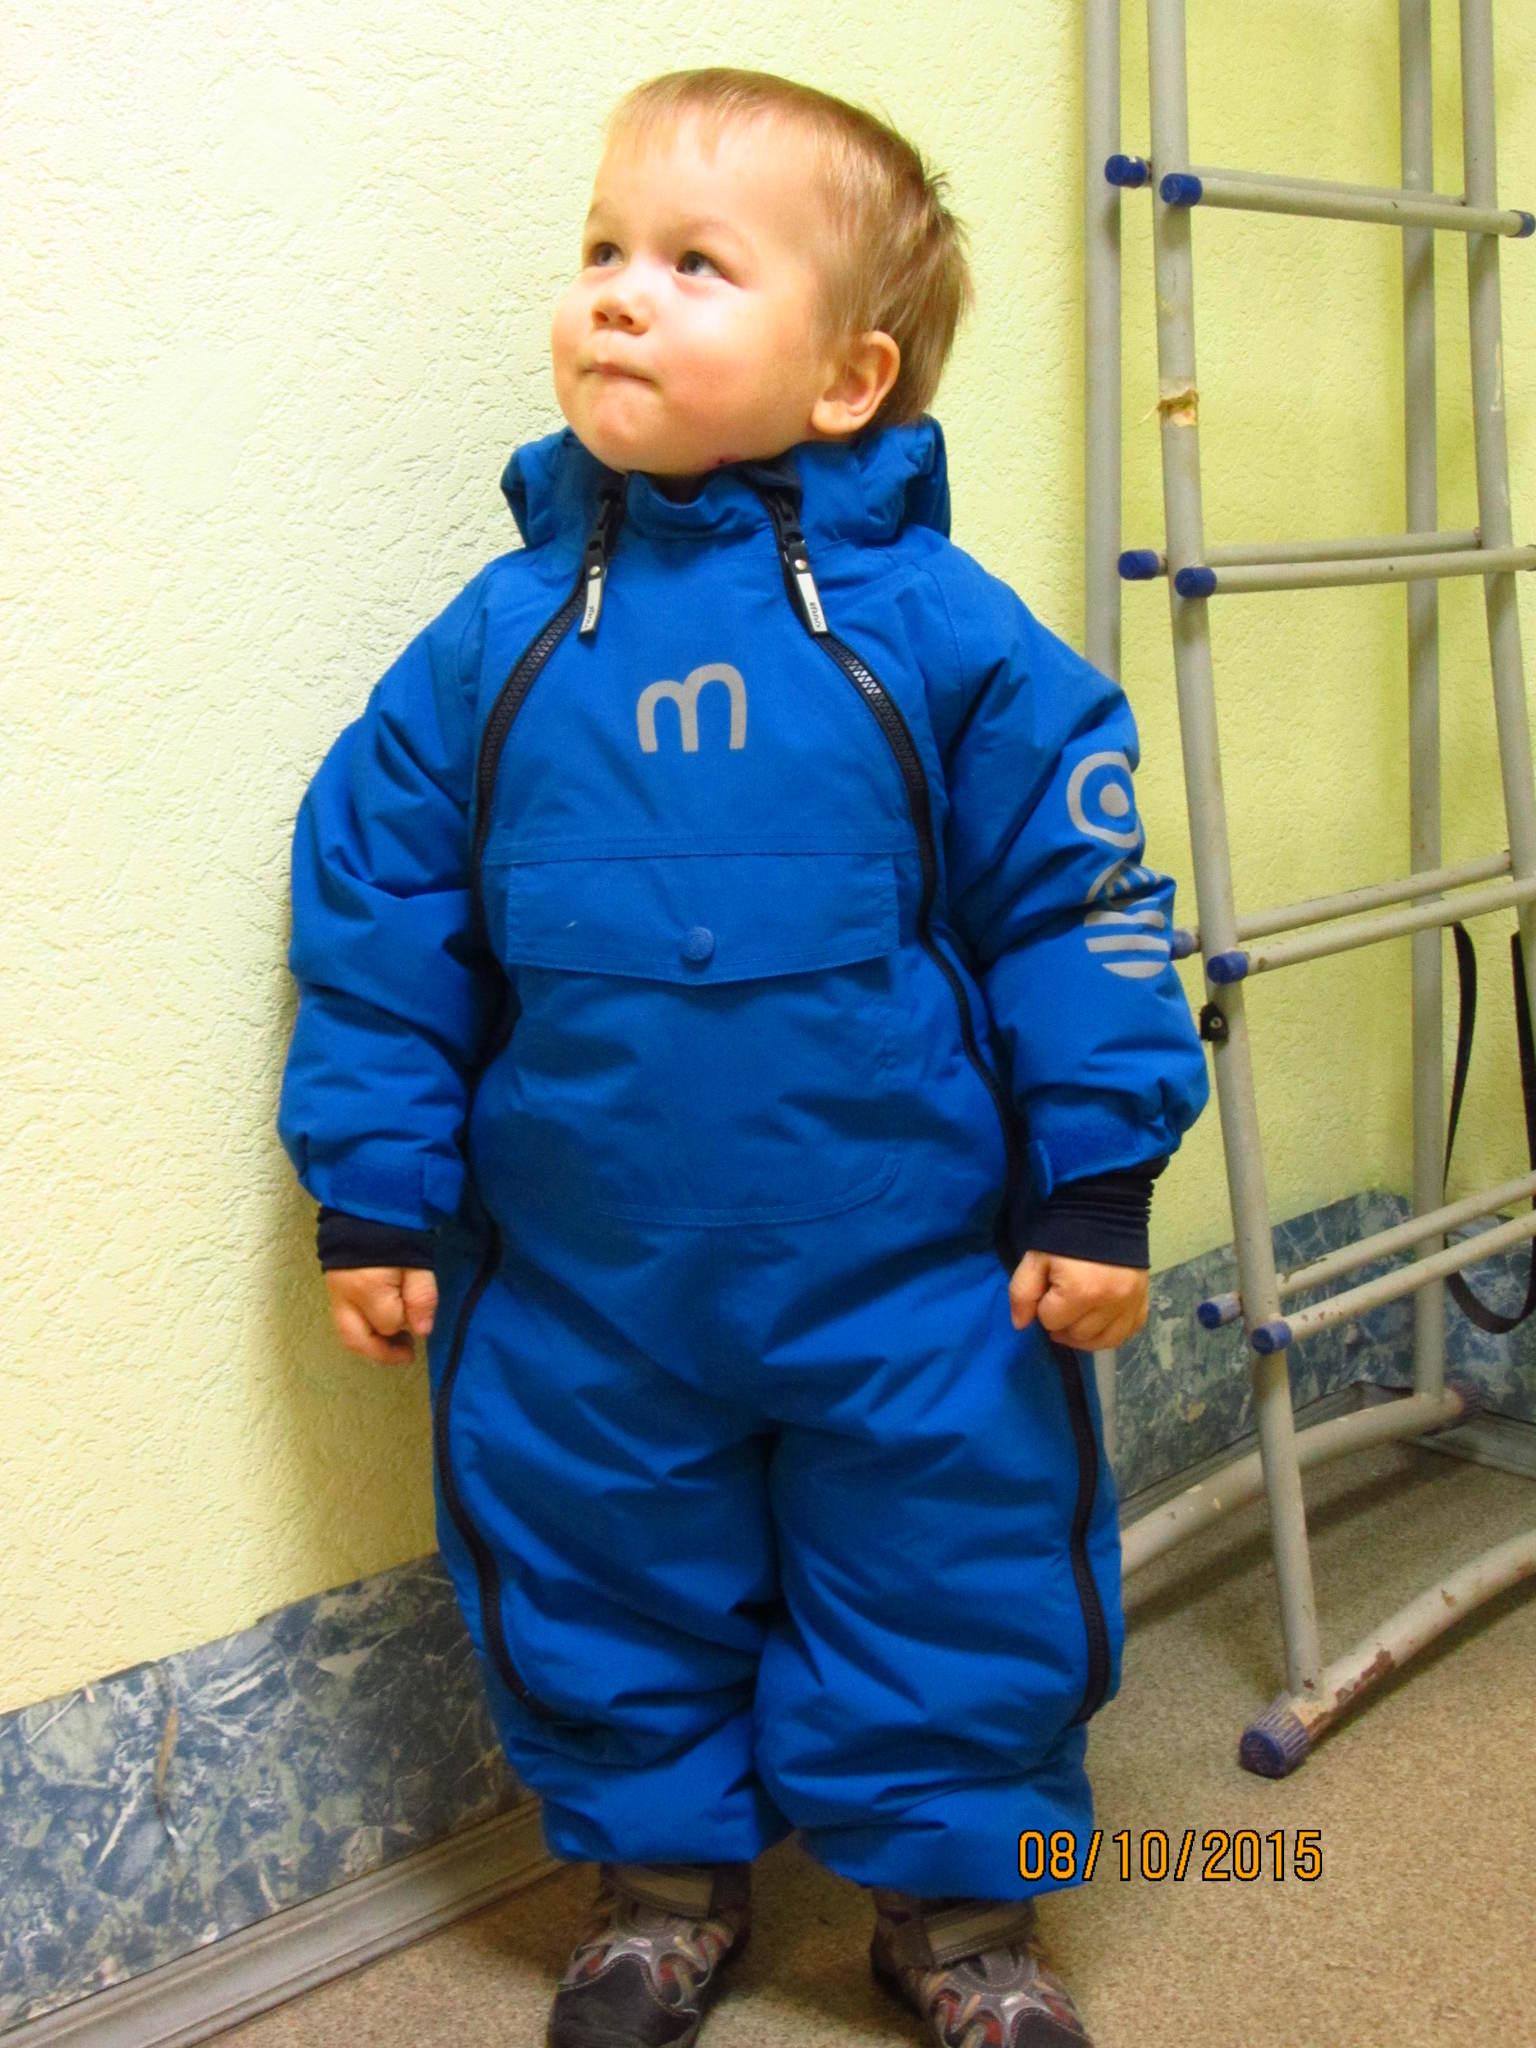 Рост ребенка примерно 92-94 см. Размер 98+6